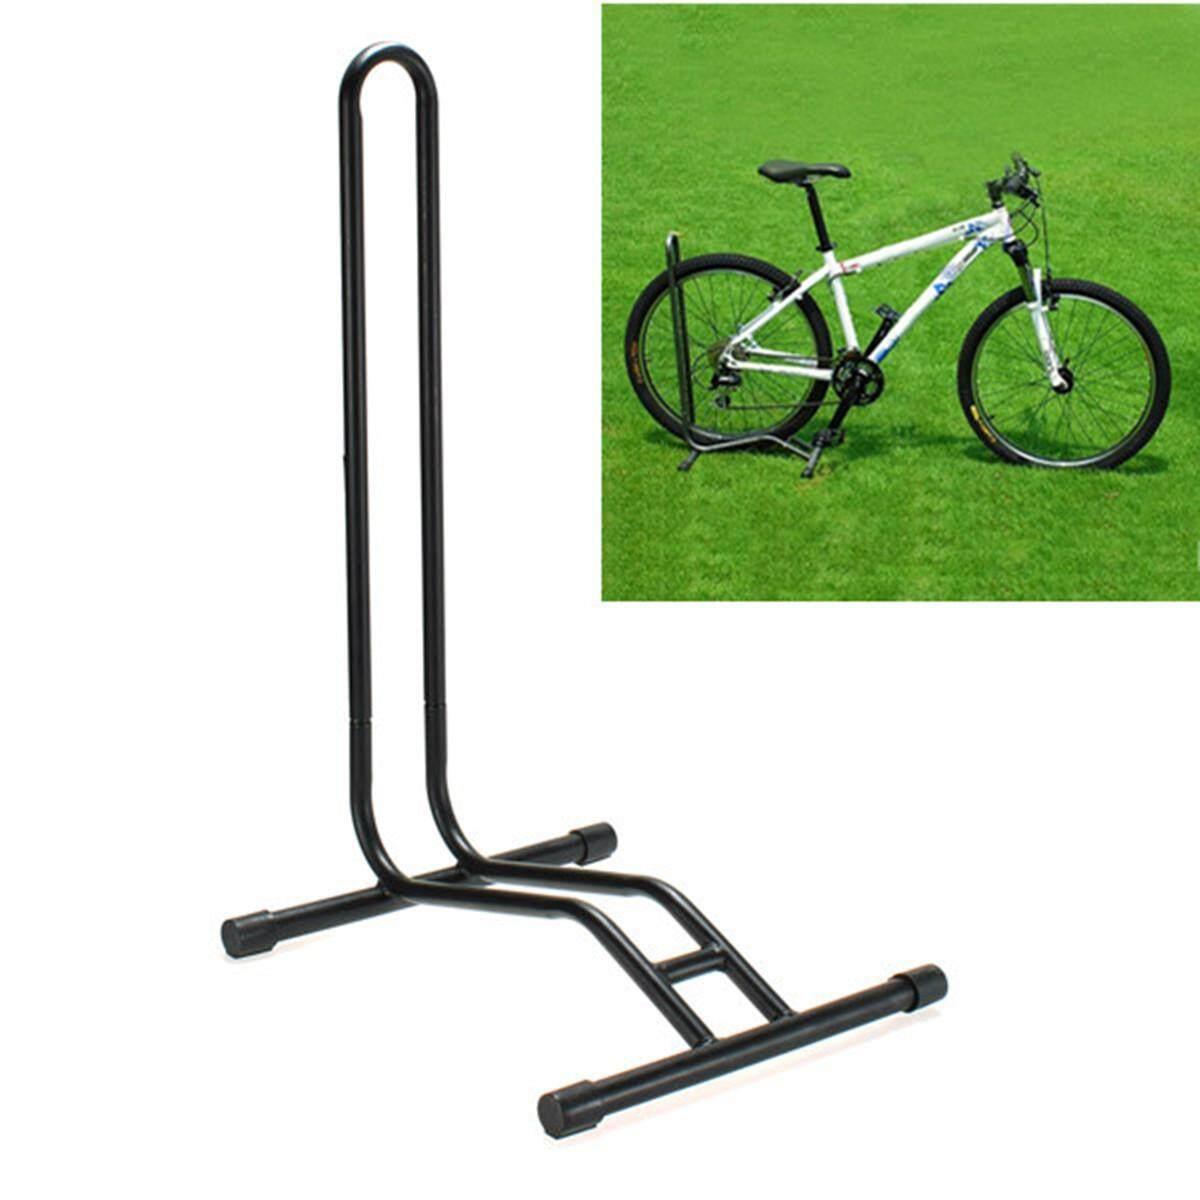 Sepeda Bersepeda Sepeda Lantai Rak Parkir Penyimpanan Stand Stand Reparasi Tempat Rak-Intl